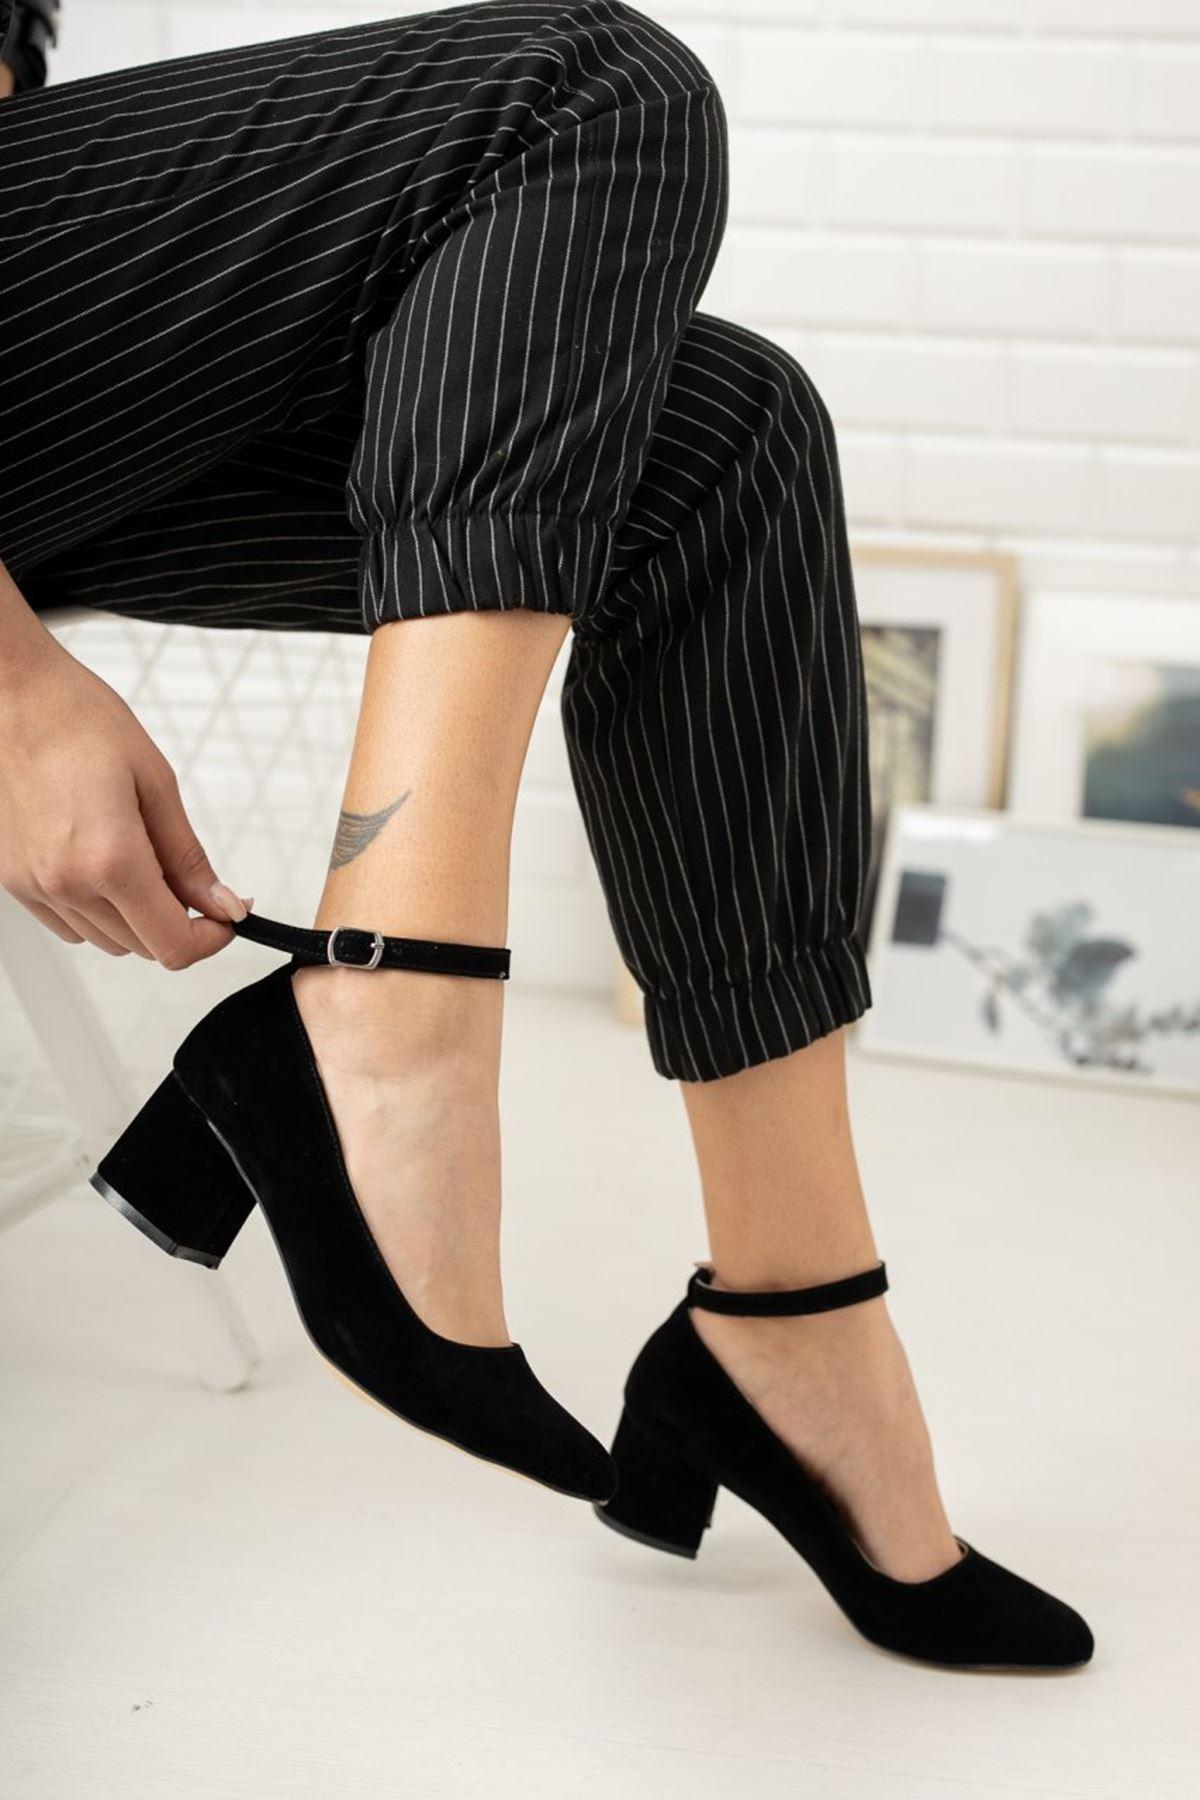 Kadın Barelo Siyah Süet Kısa Topuklu Ayakkabı